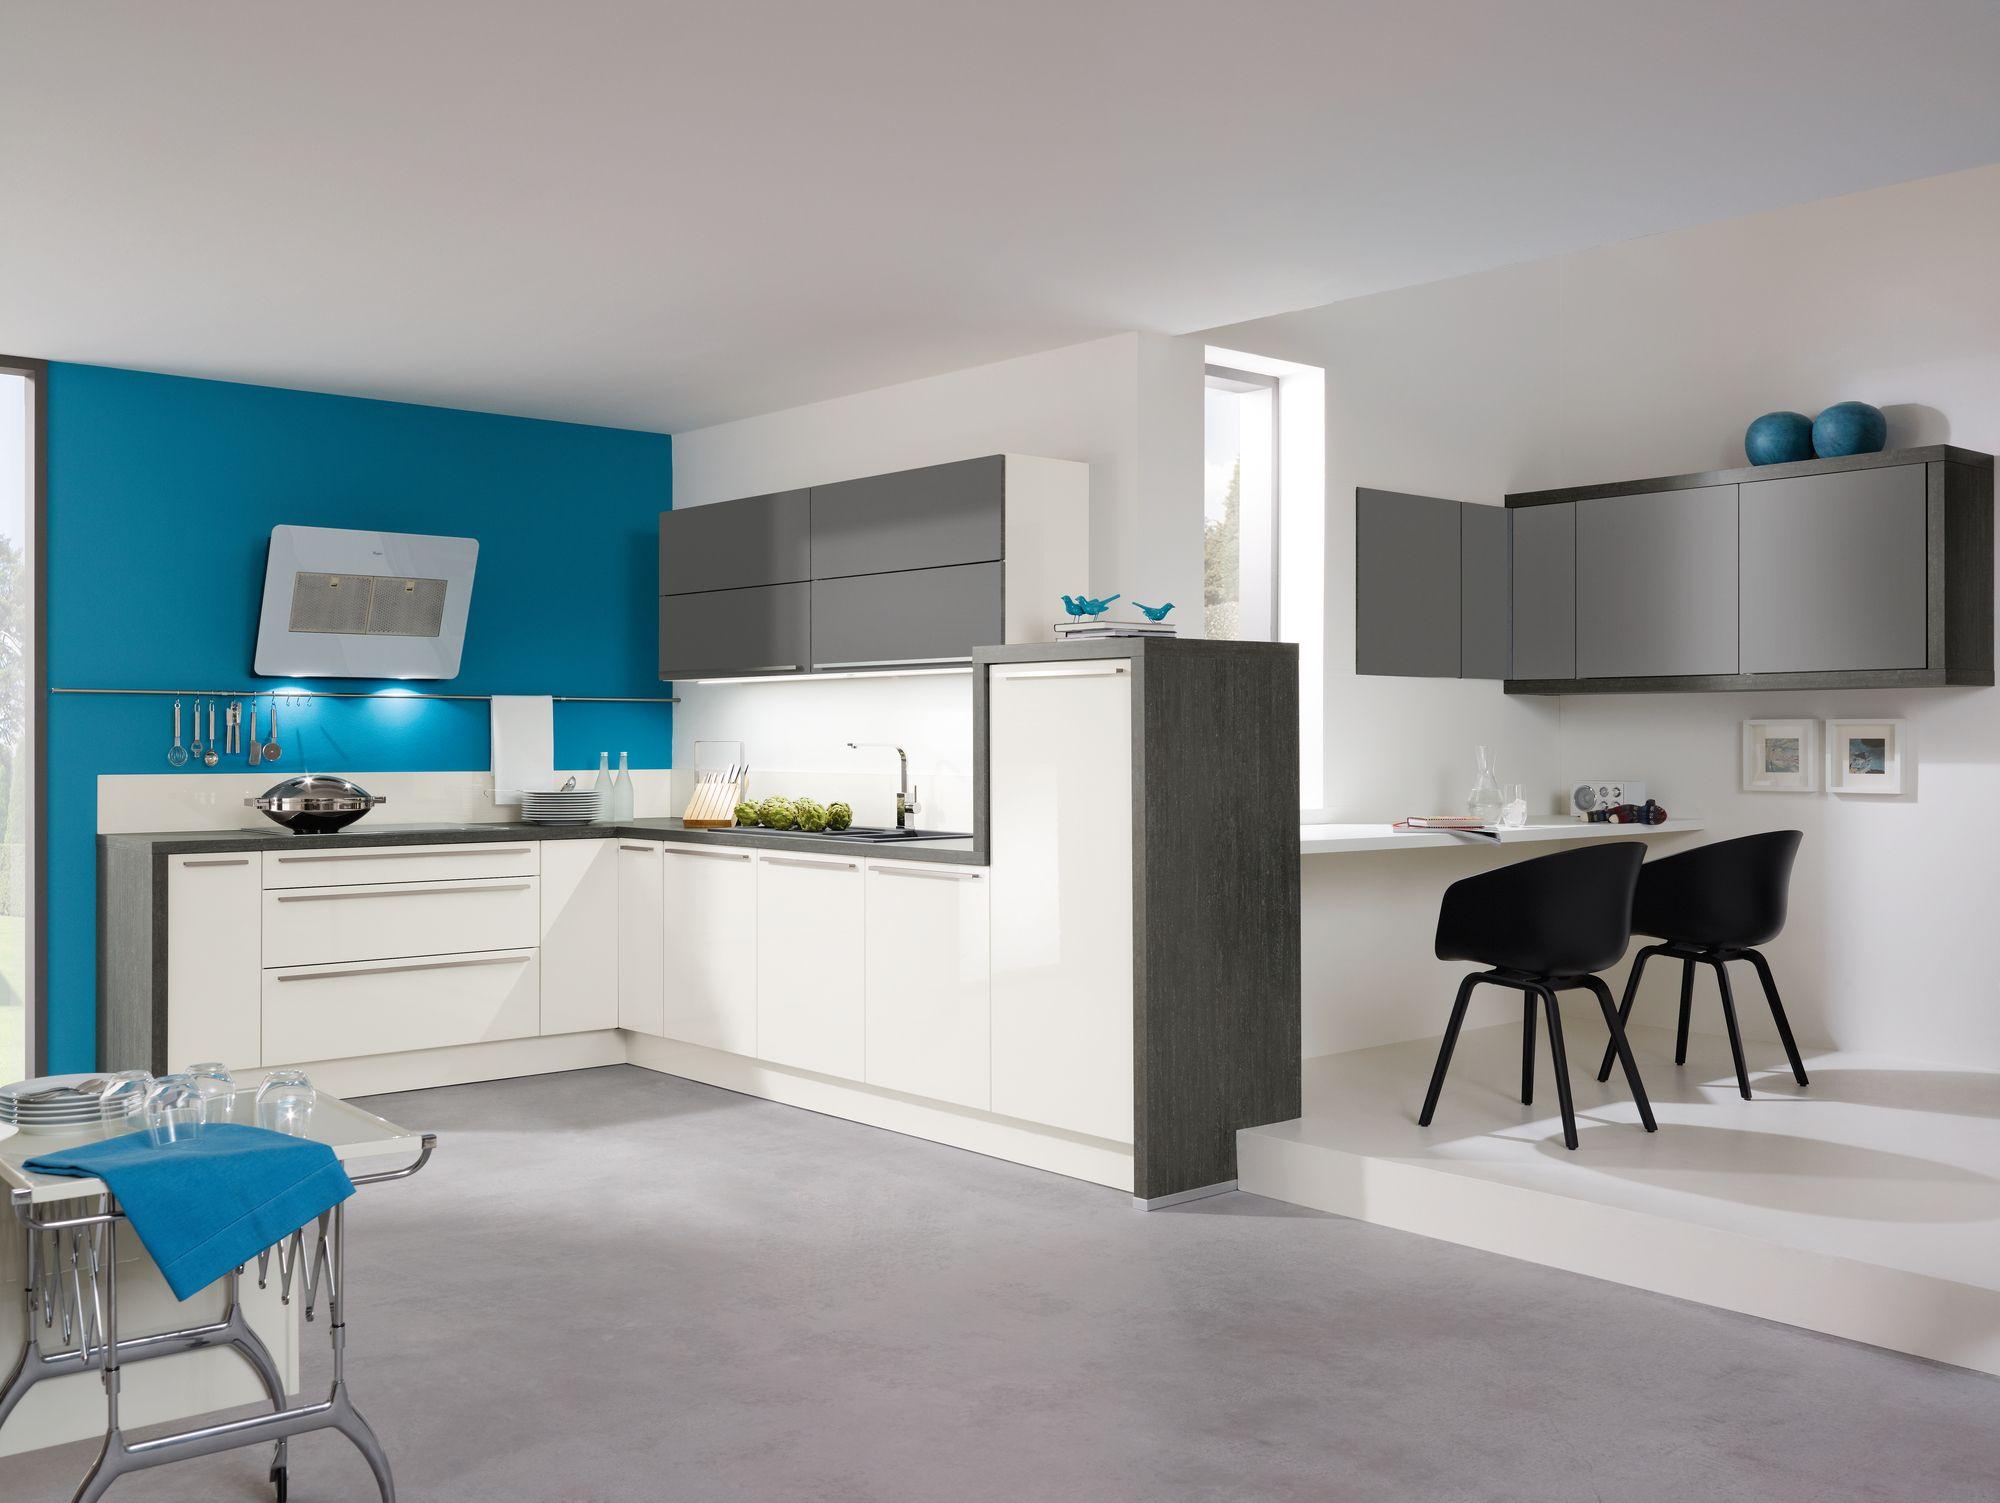 cuisine quip e aviva pack cuisine int gr e pas cher cuisine prix bas de qualit d co. Black Bedroom Furniture Sets. Home Design Ideas